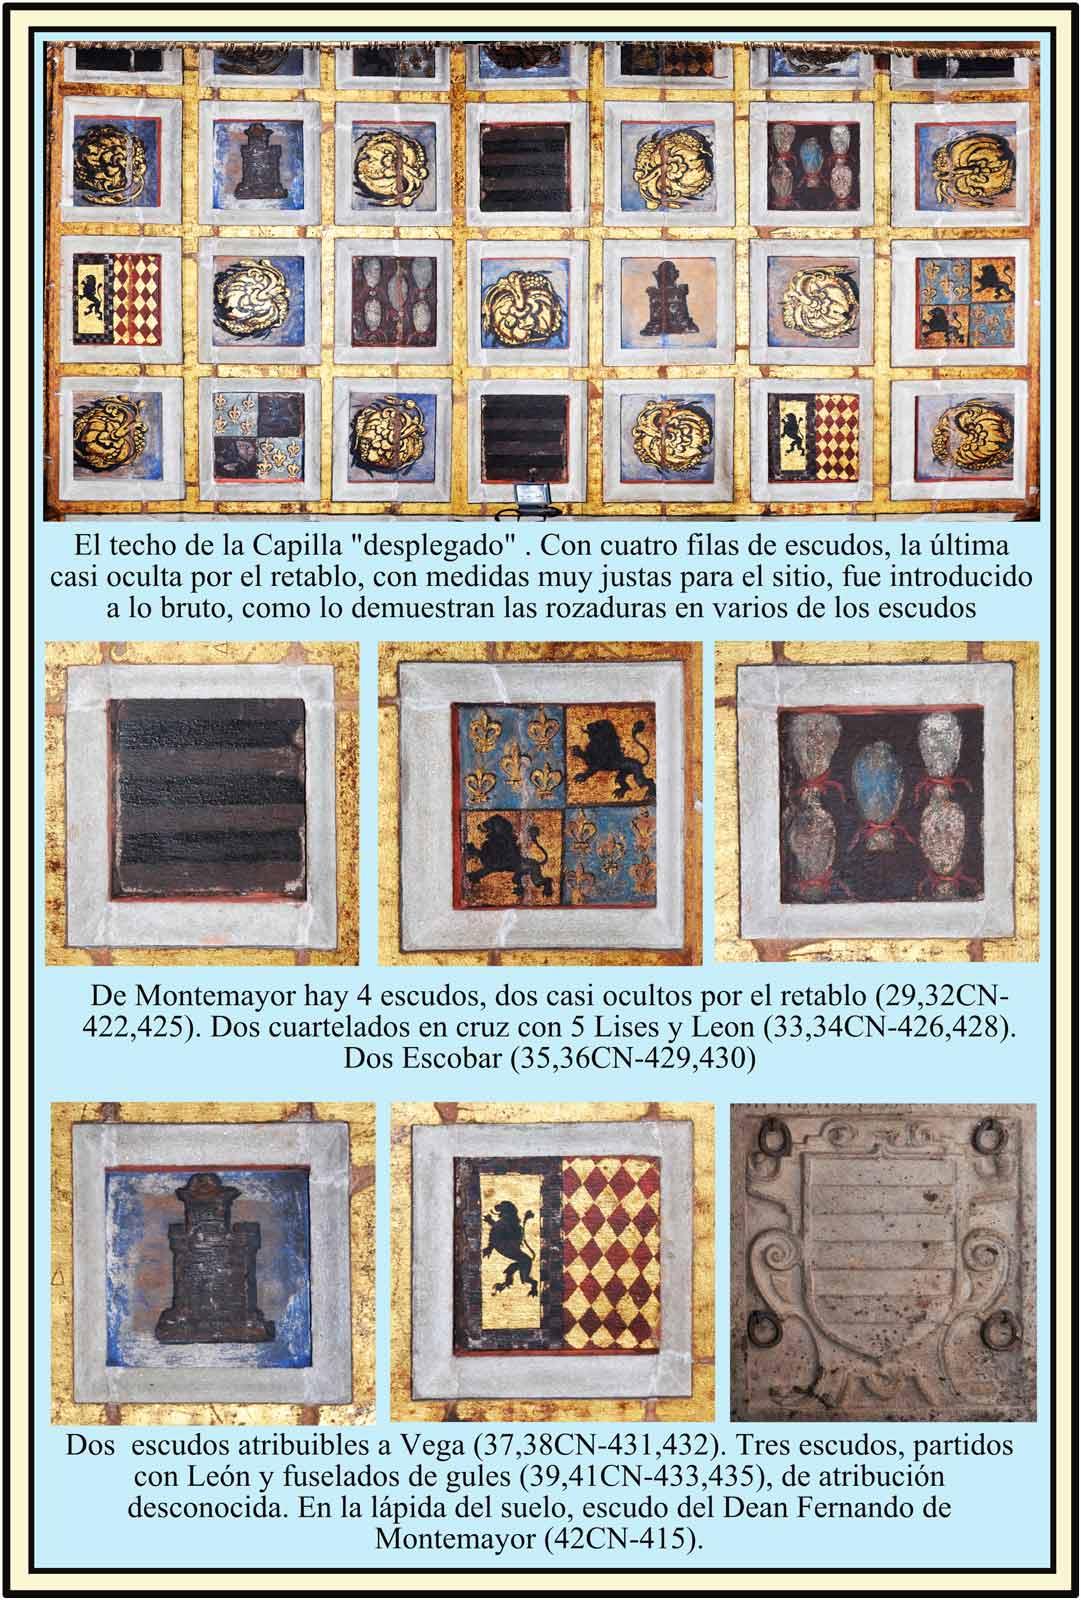 Capilla de La Inmaculada. Escudos Montemayor, Lis y Leon, Escobar